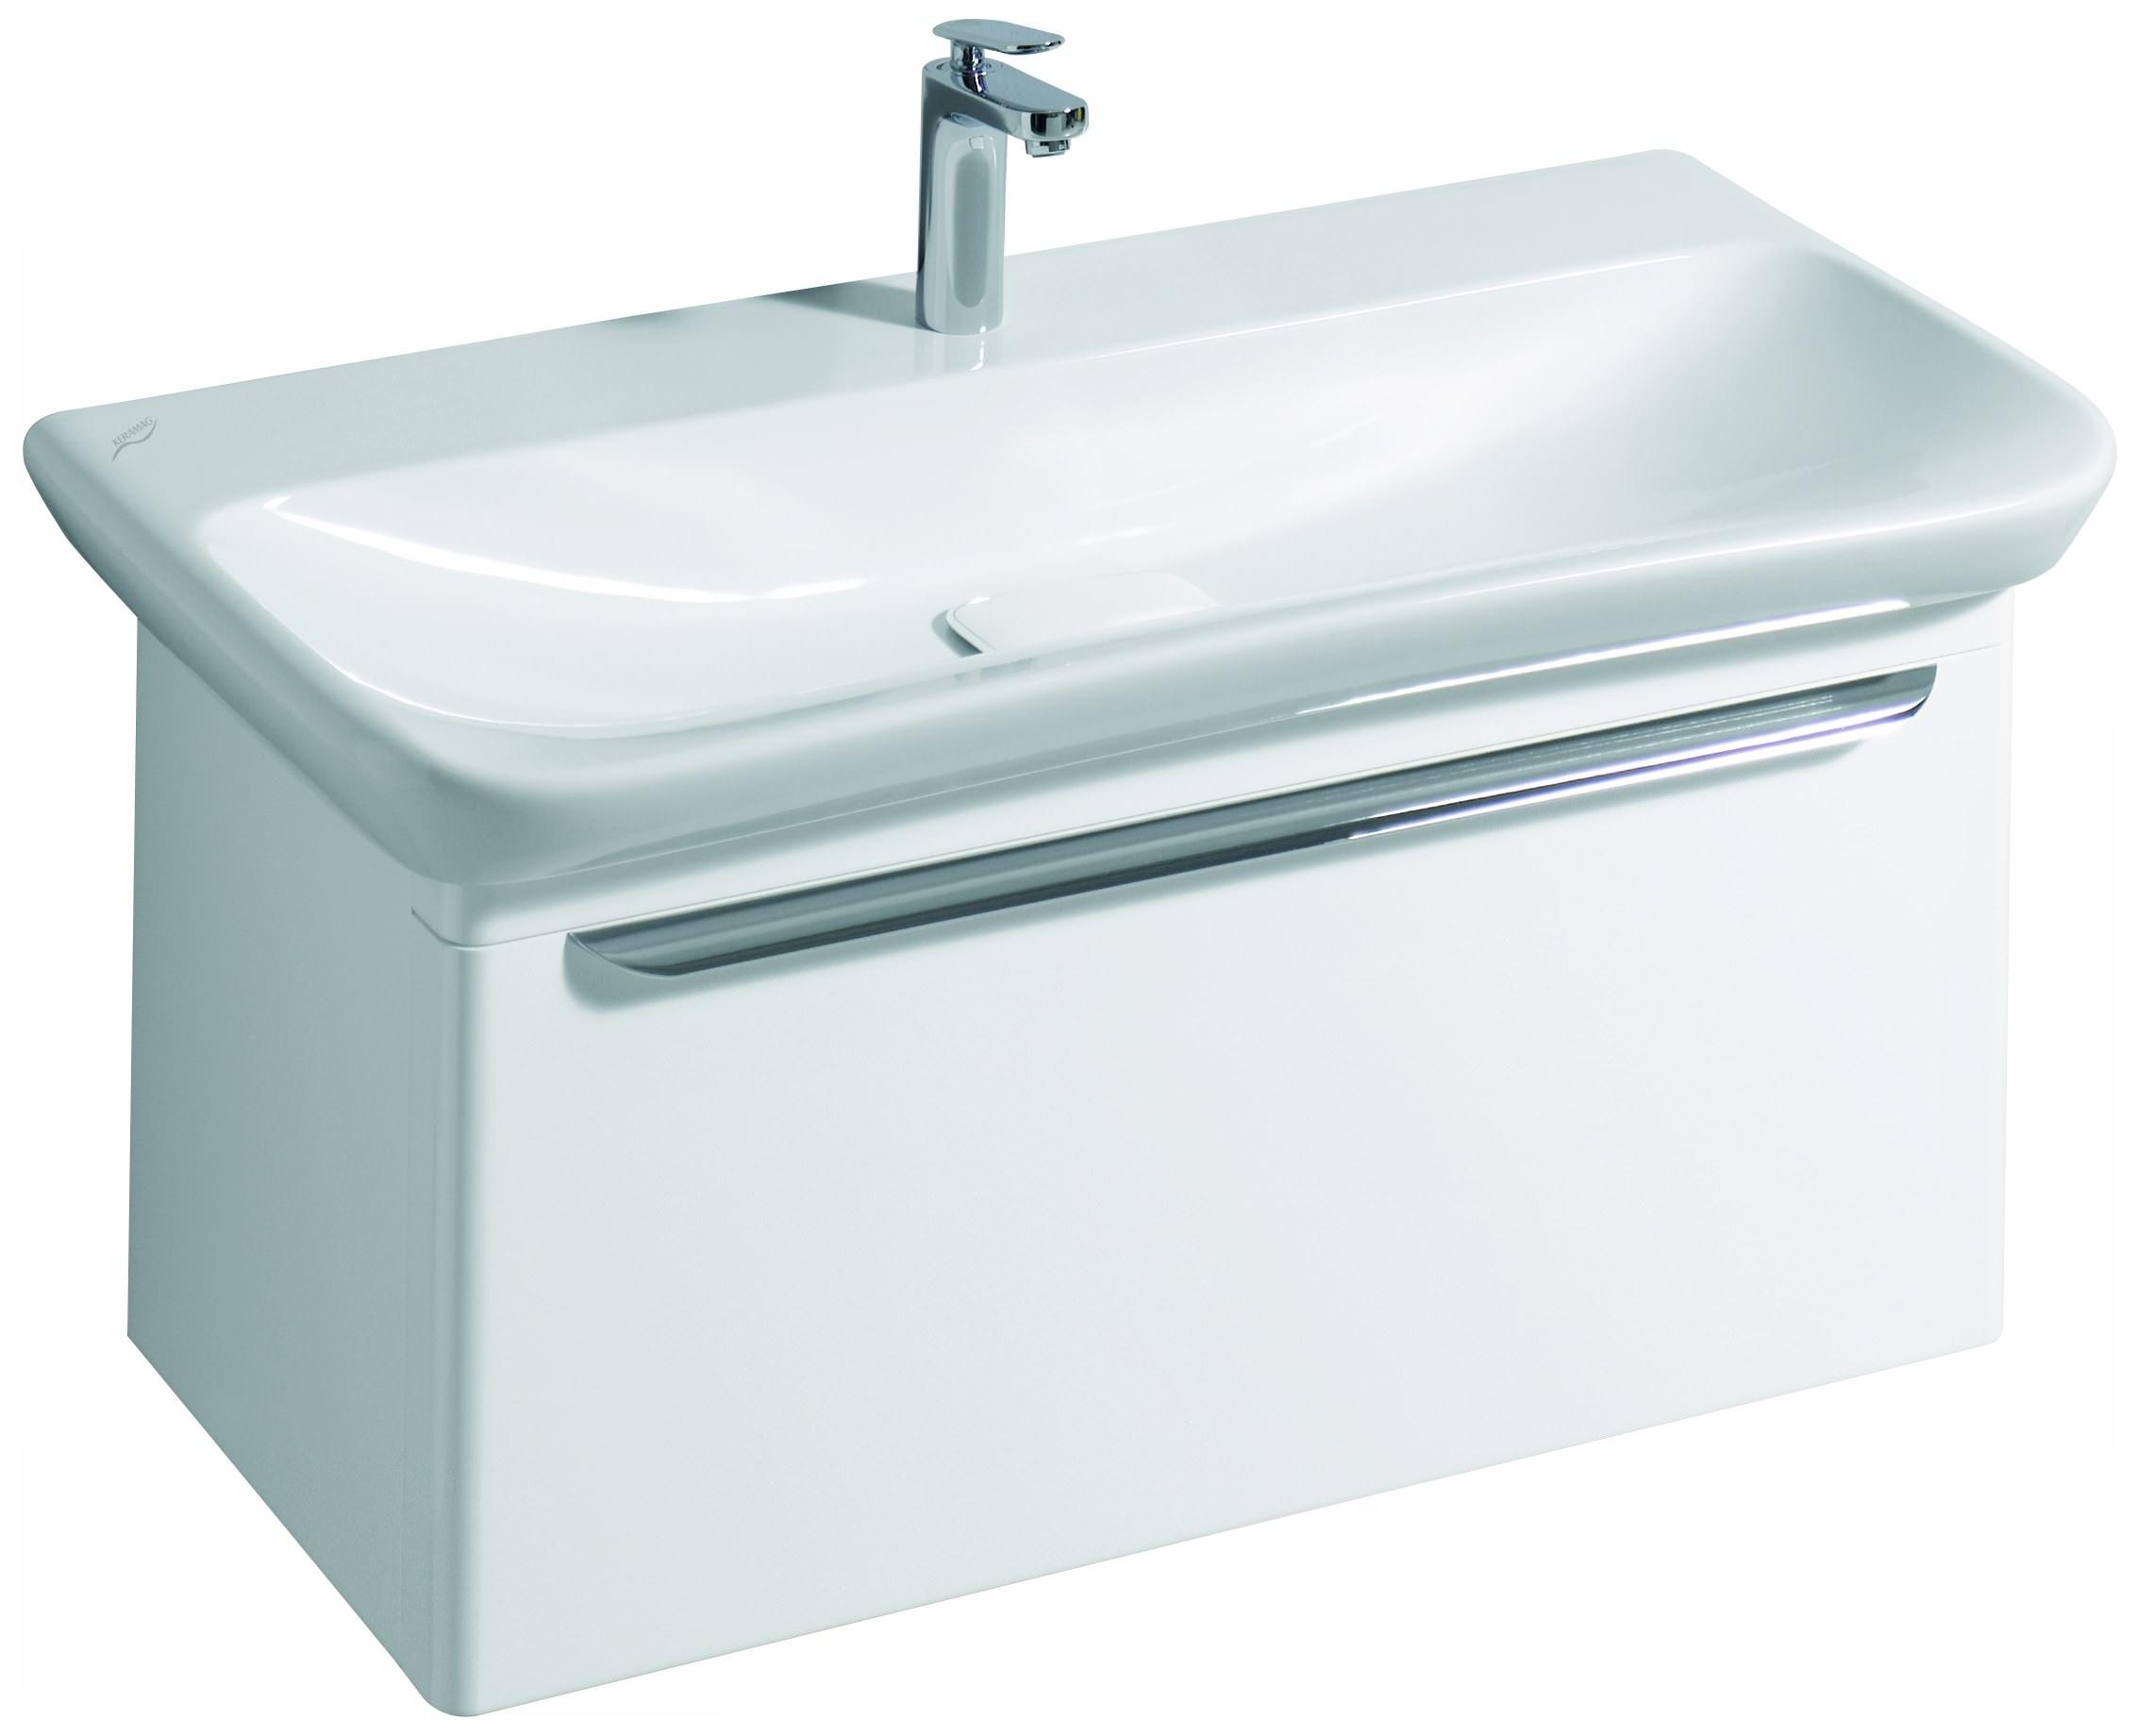 keramag myday waschtisch ohne berlauf 1000mm x 135x480mm wei alpin keratect waschtische. Black Bedroom Furniture Sets. Home Design Ideas